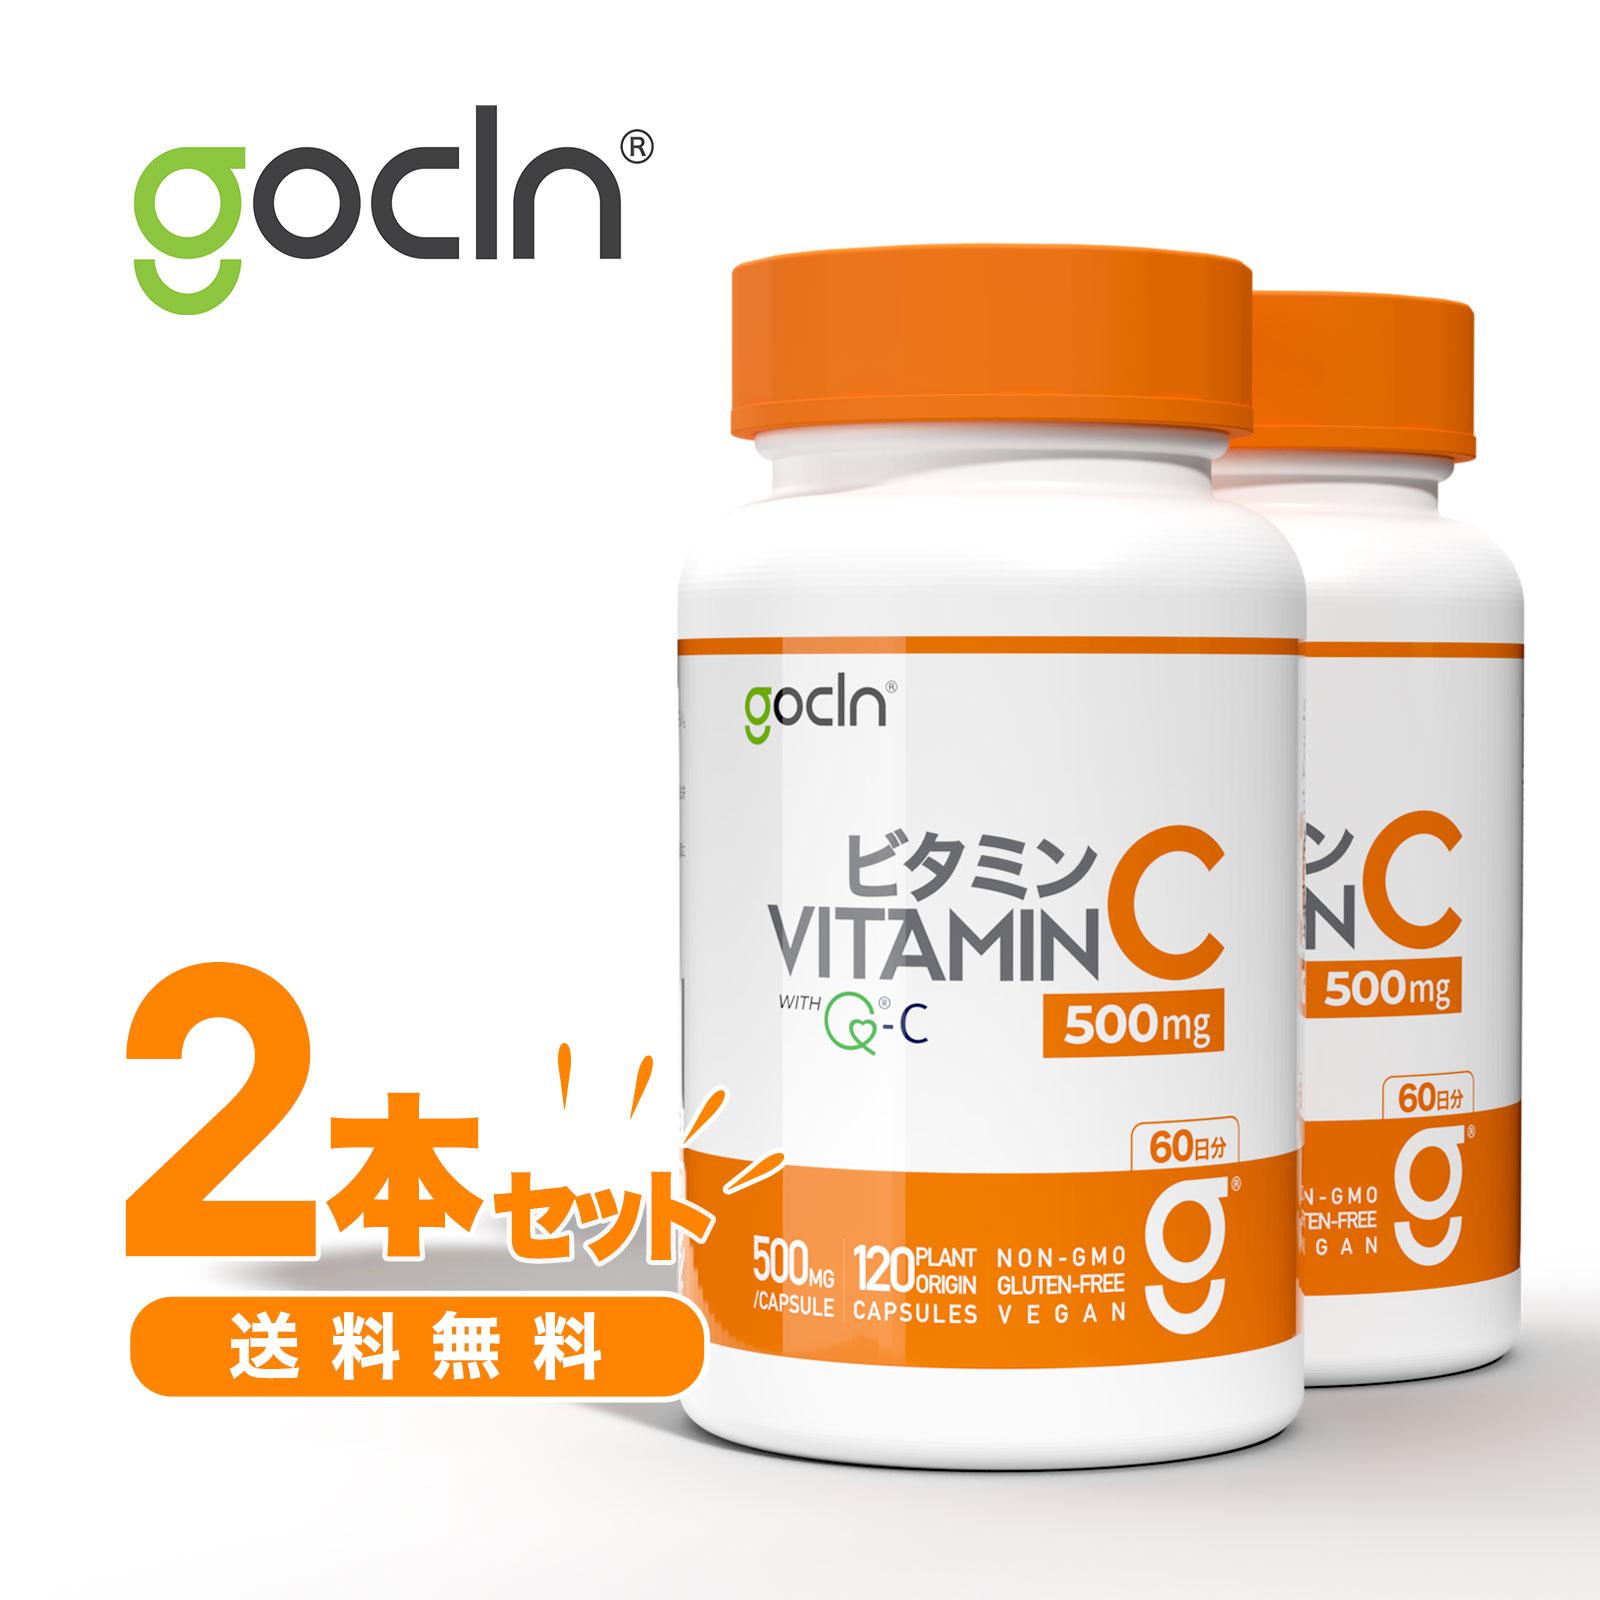 倉 満たす 届く 高める ビタミンCサプリ 高品質 高濃度 高純度 ピュアビタミン GoCLNビタミンC QC-100 送料無料 ビタミンC 120 - C 国内製造 GoCLN Vitamin 100% カプセル 2本セット サプリ まとめ買い特価 Quali QC100